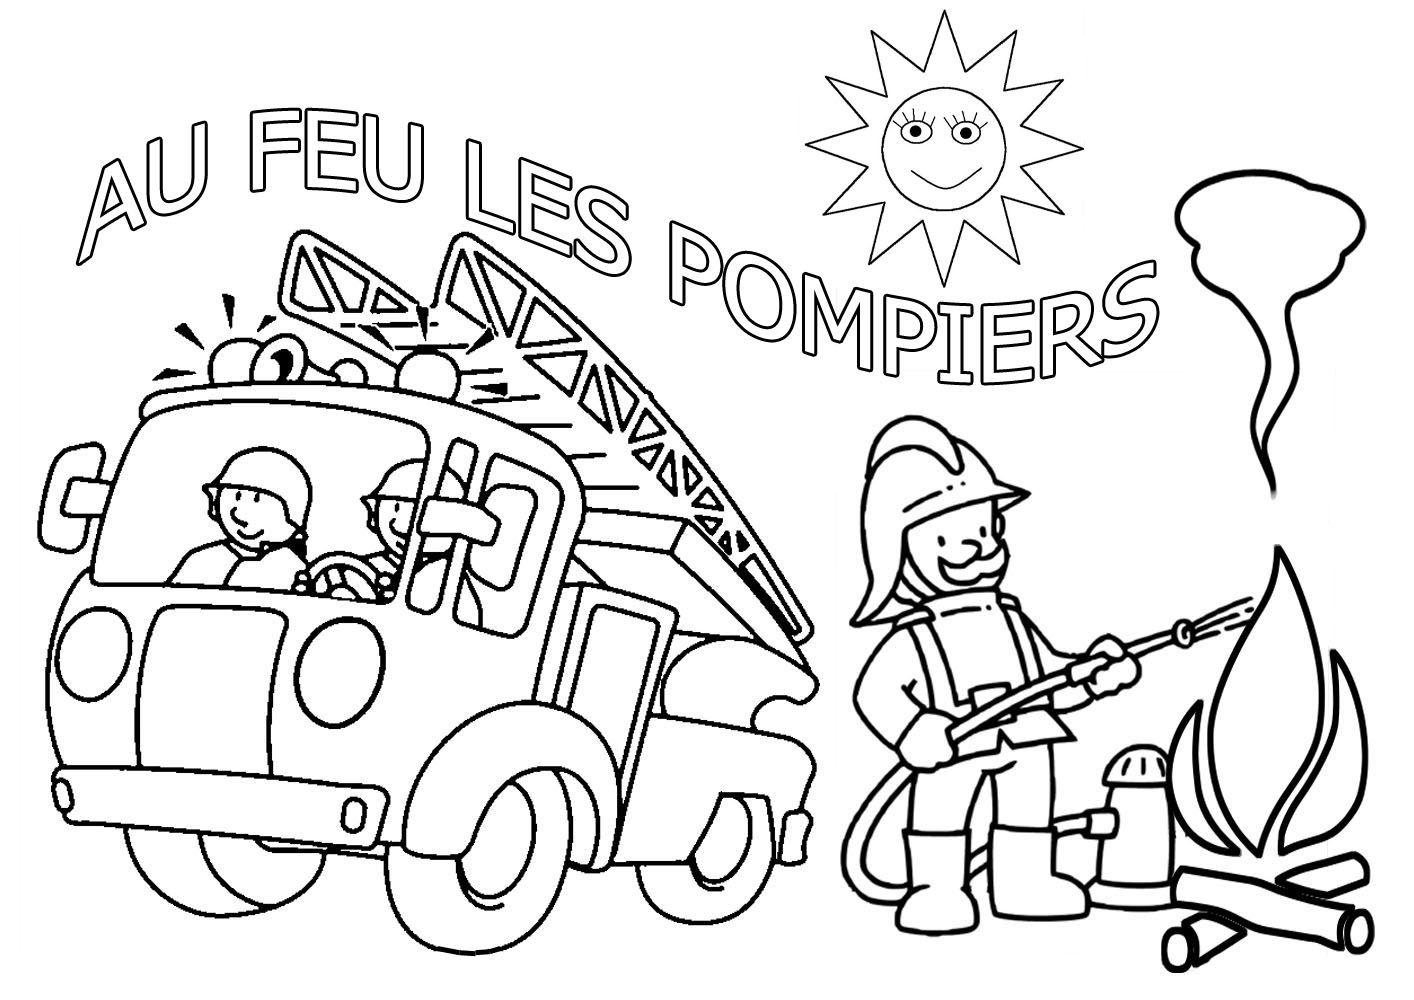 Coloriage sam le pompier colorier dessin imprimer fireman pompier coloriage pompier - Dessin pompier a imprimer ...